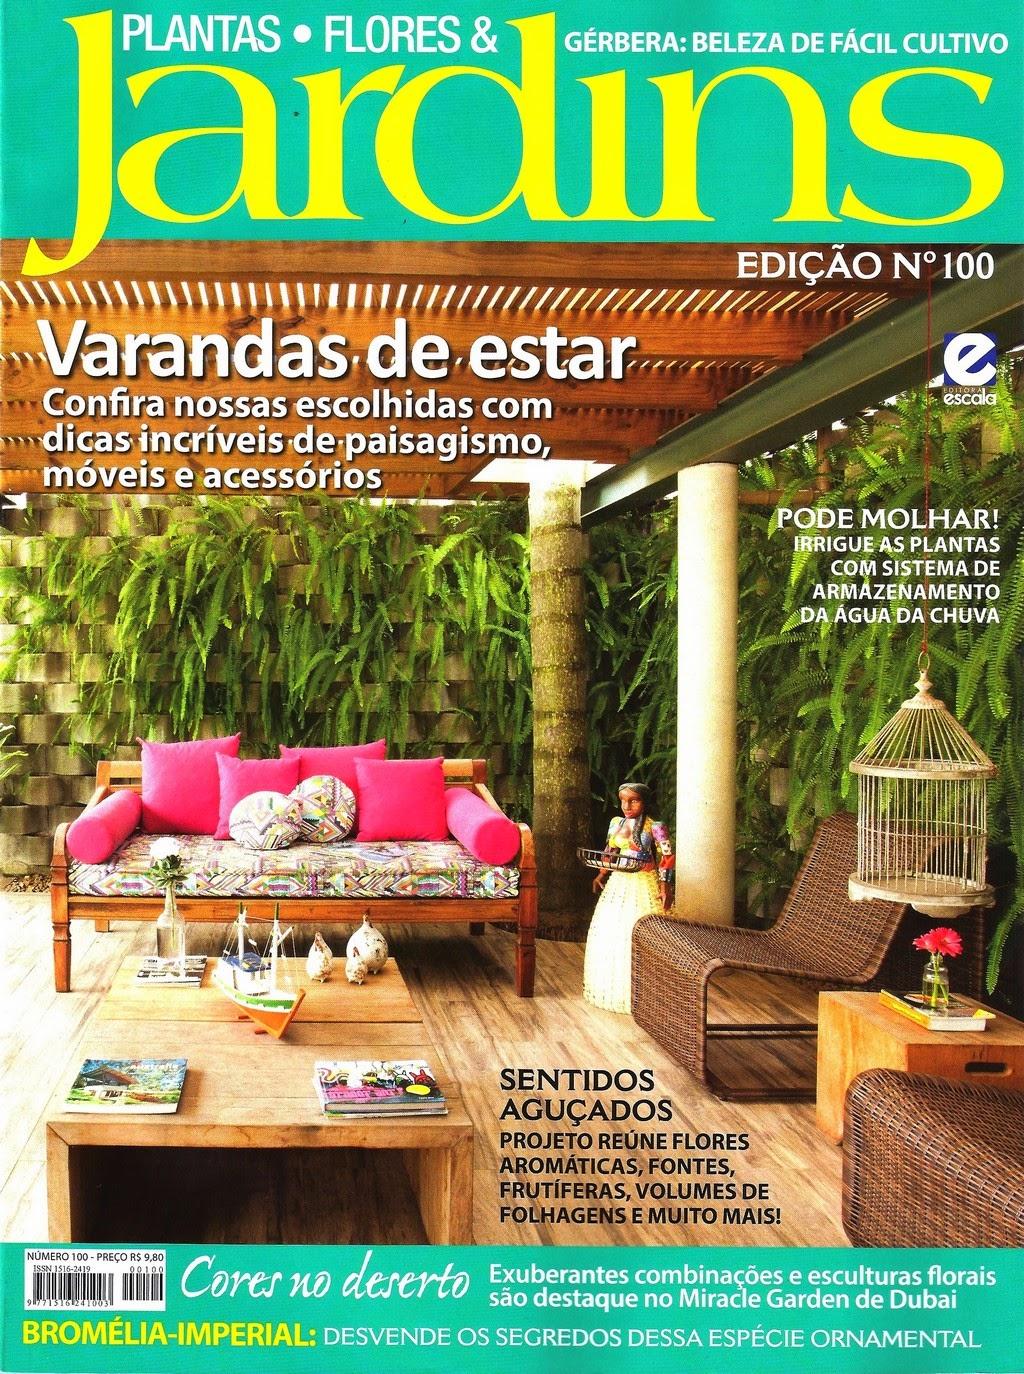 MARIAFLOR NA REVISTA PLANTAS FLORES & JARDINS, EDIÇÃO 100, FEV 2015